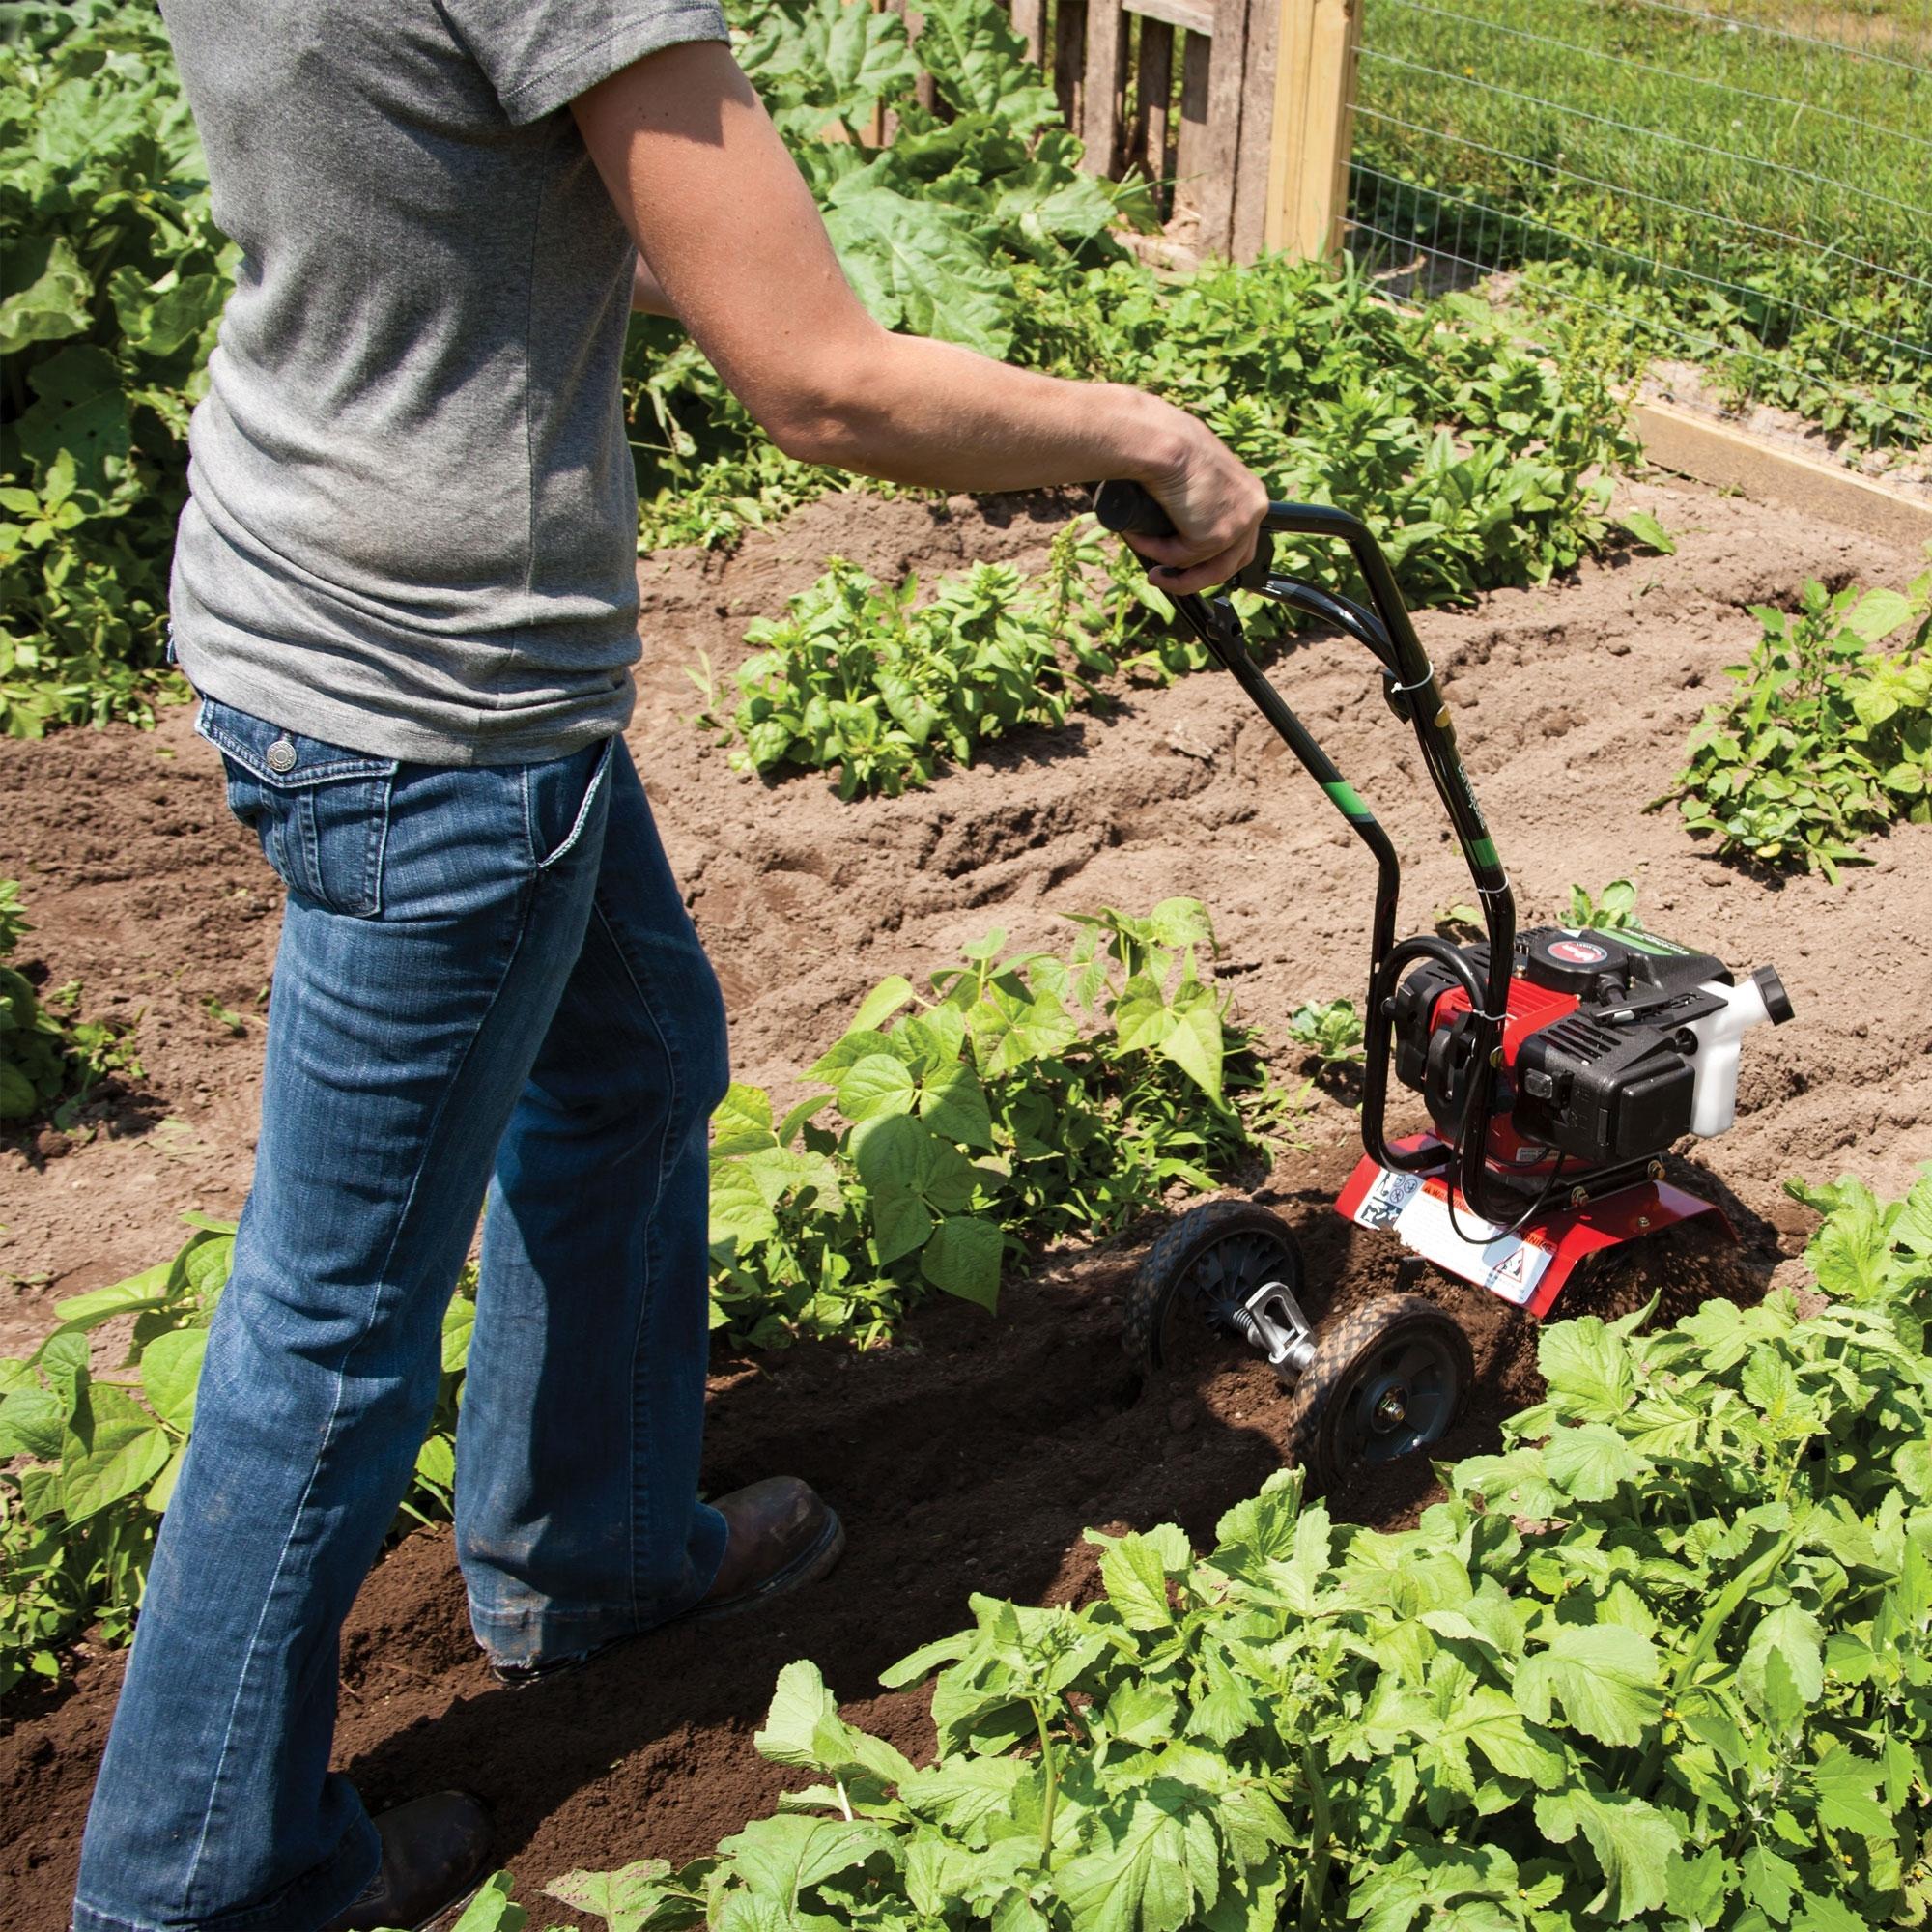 Как использовать культиватор в саду: совмещаем несколько инструментов